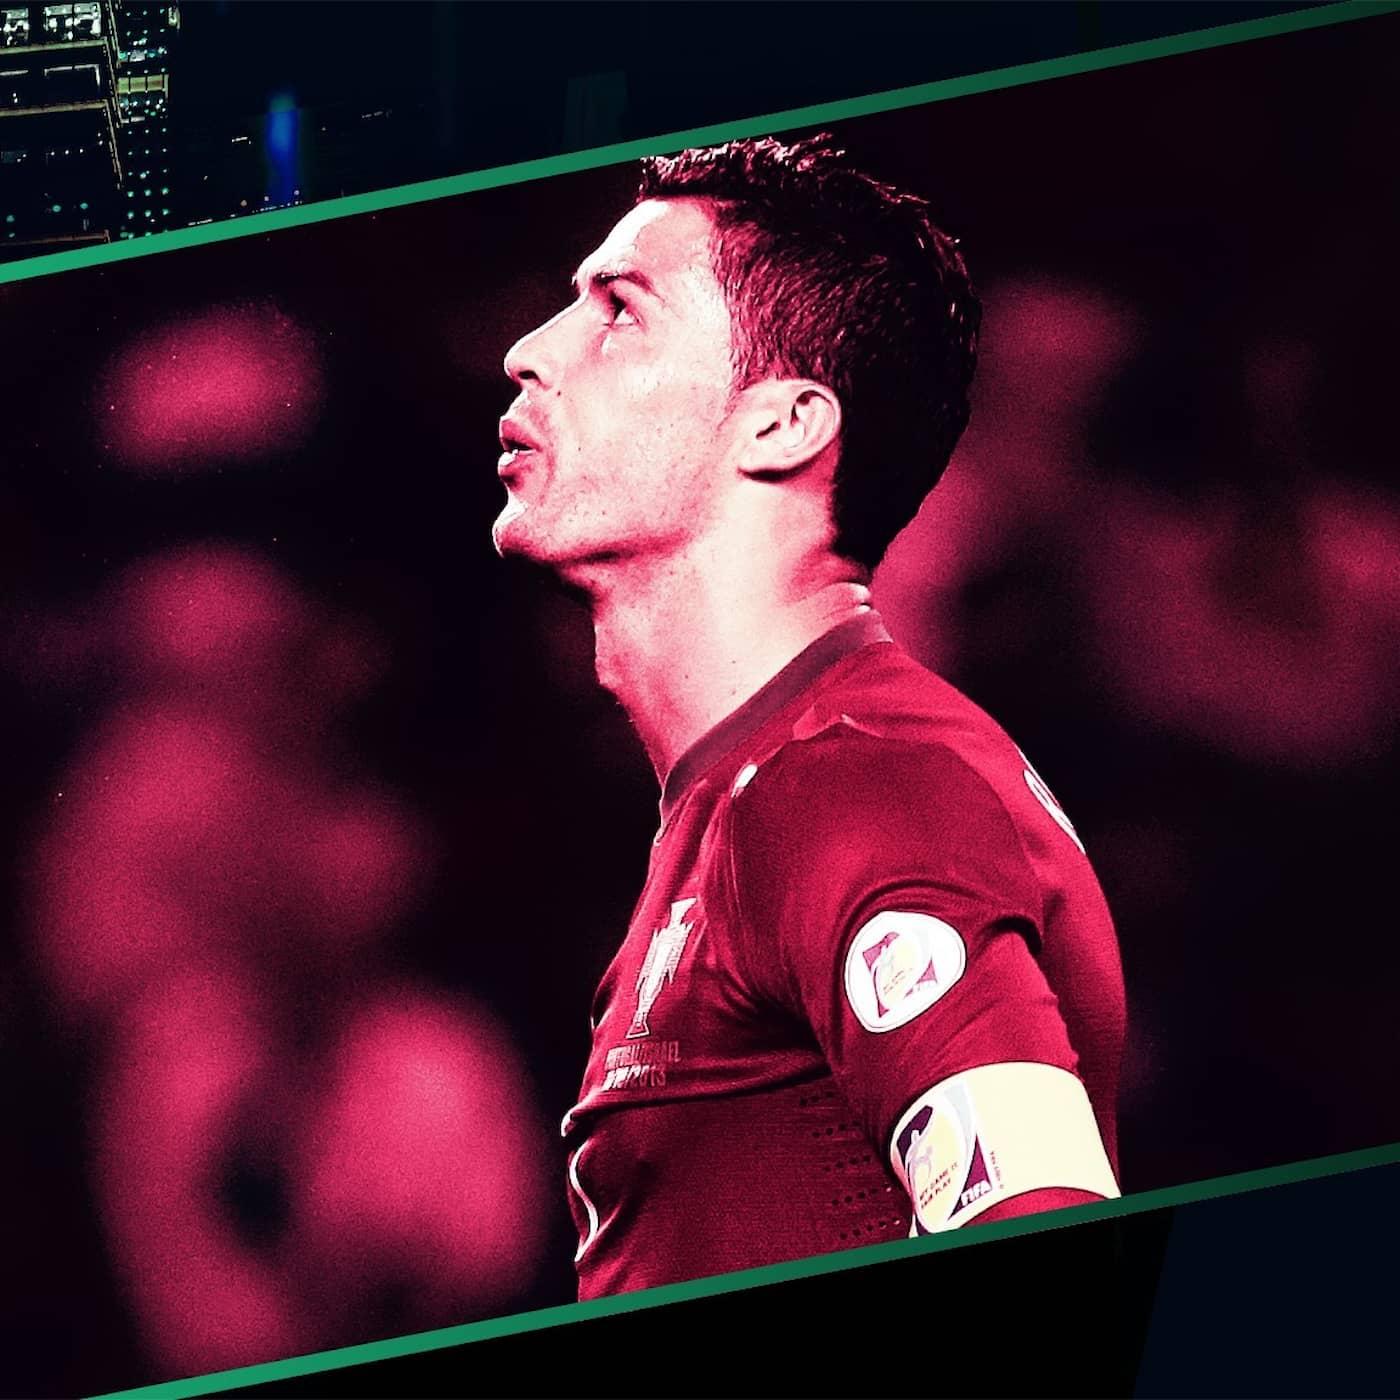 Cristiano Ronaldo – Berättelsen om fotbollsguden och anklagelserna